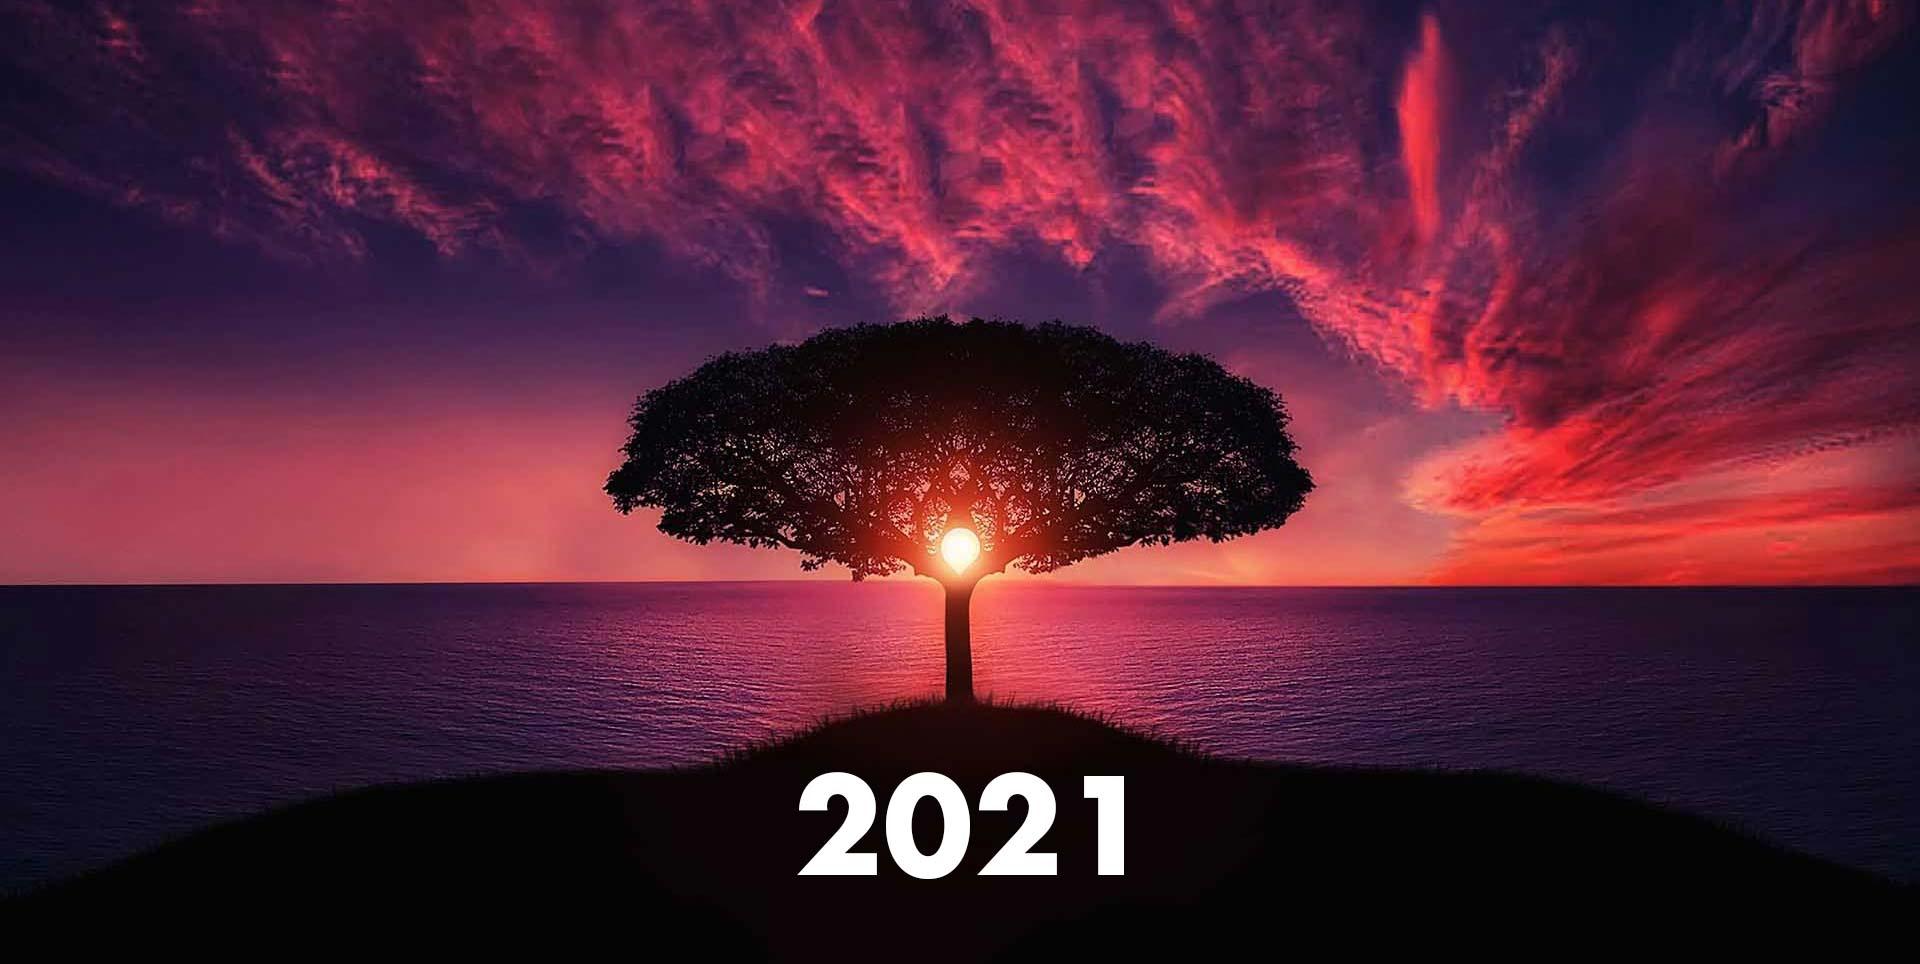 Il futuro appartiene a coloro che credono nella bellezza dei propri sogni. Buon 2021!